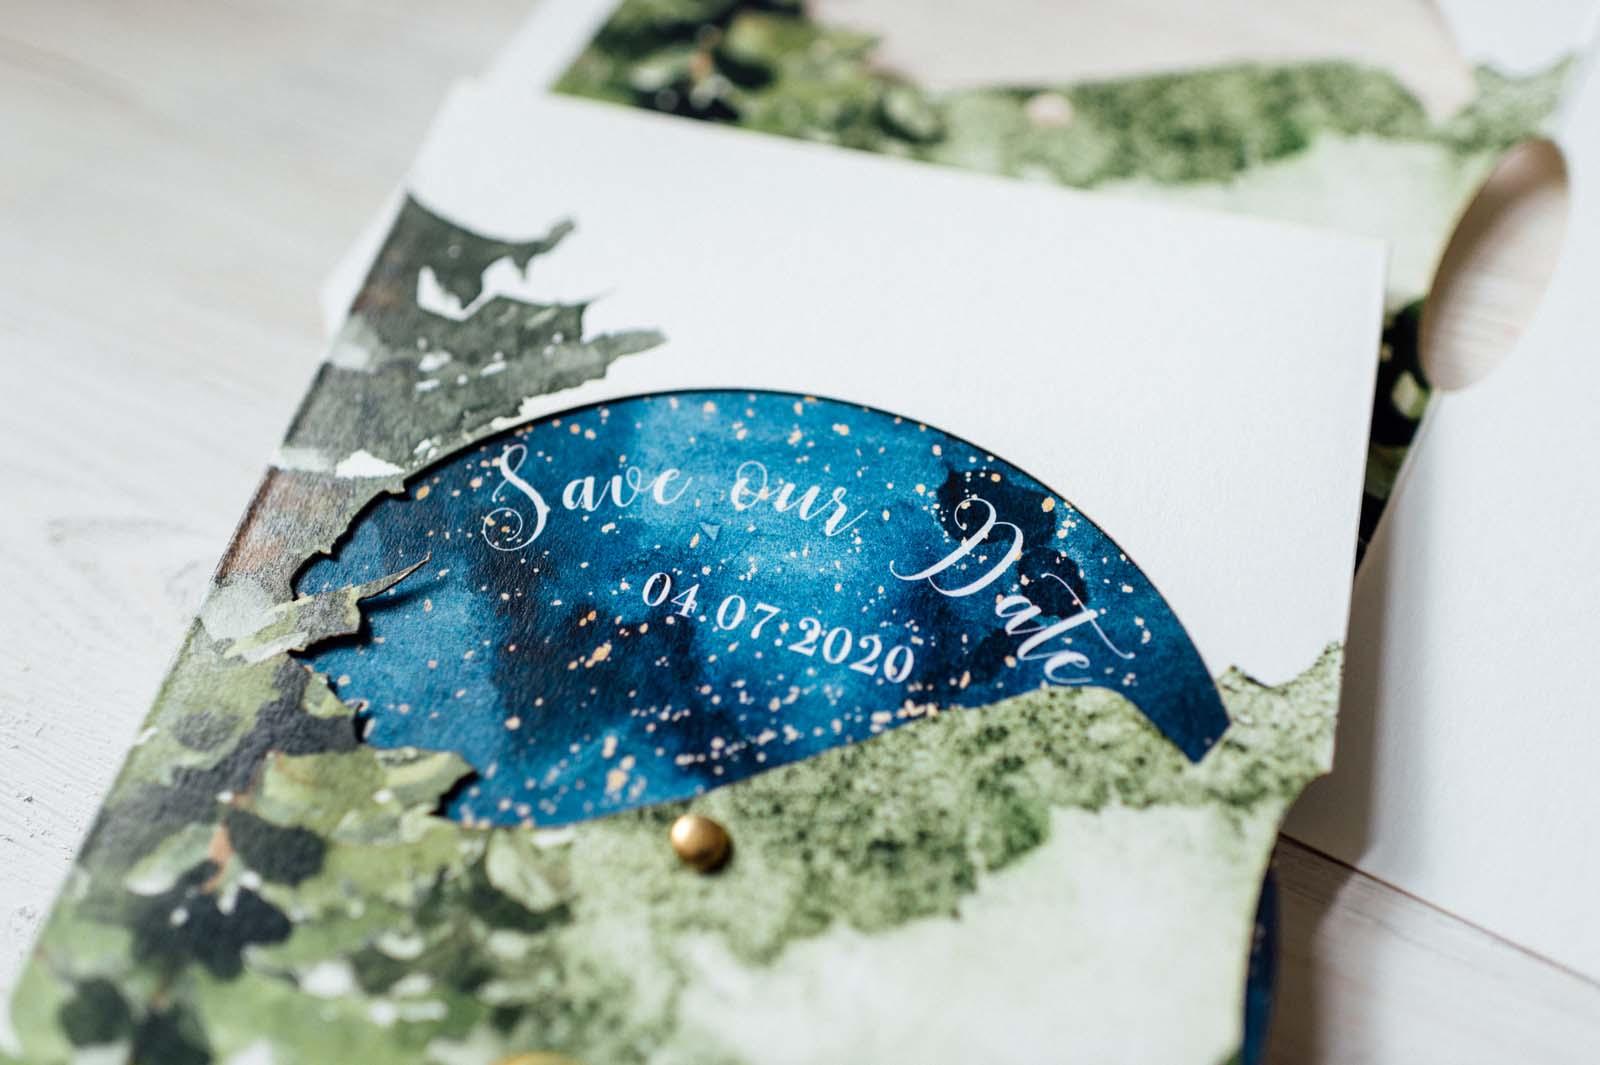 Drehscheibe Naturhochzeit Aquarell Wald Nacht Sternenhimmel Grün Blau Natur Bäume Zweige Greenery Hochzeitseinladung Hochzeitskarten Hochzeitspapeterie Besonders Siegel